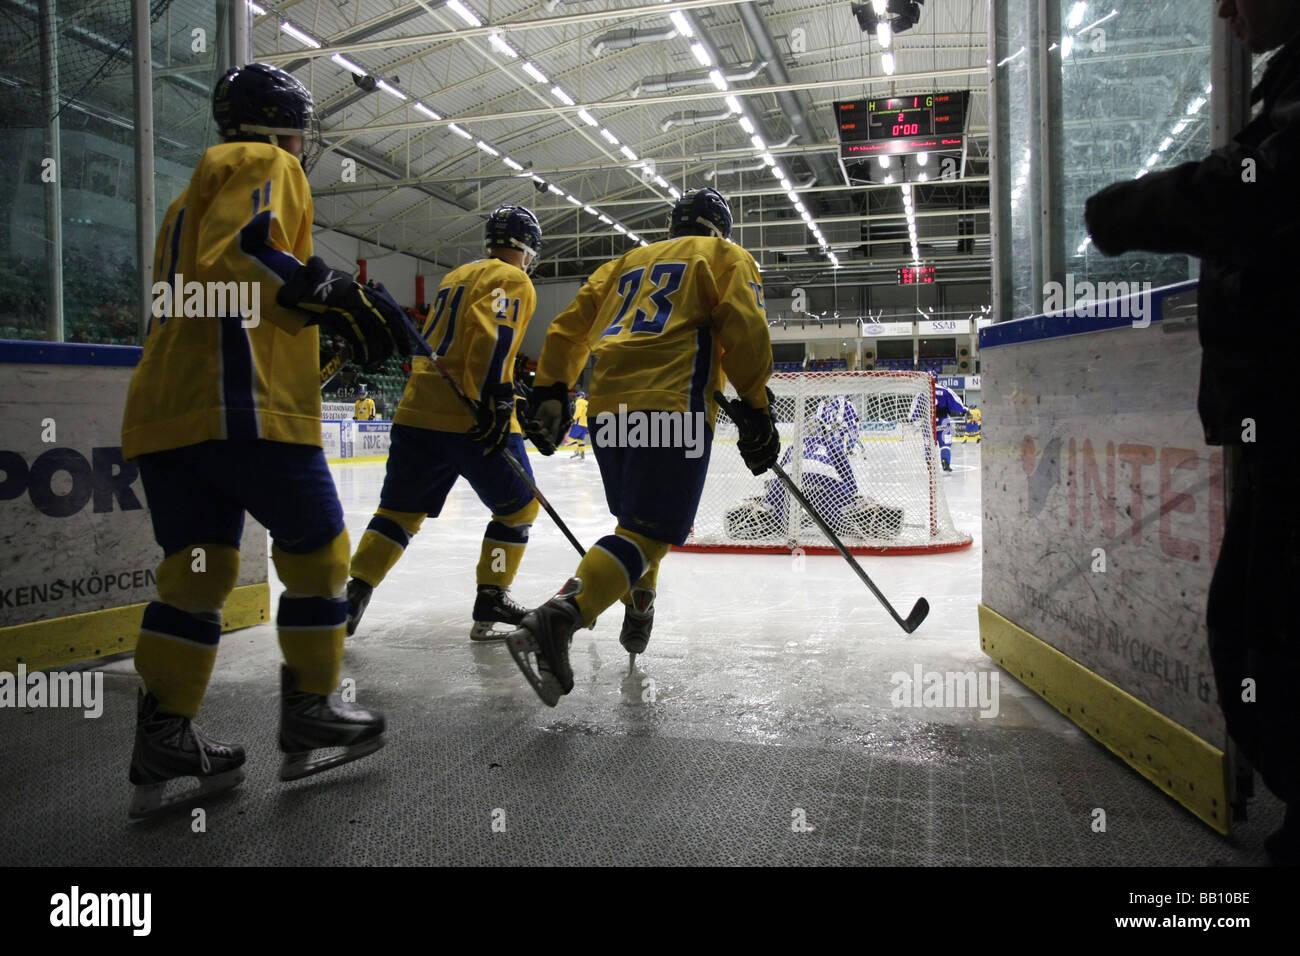 Il team svedese di entrare nel ghiaccio in un U18 ice-hockey tournament. Immagini Stock